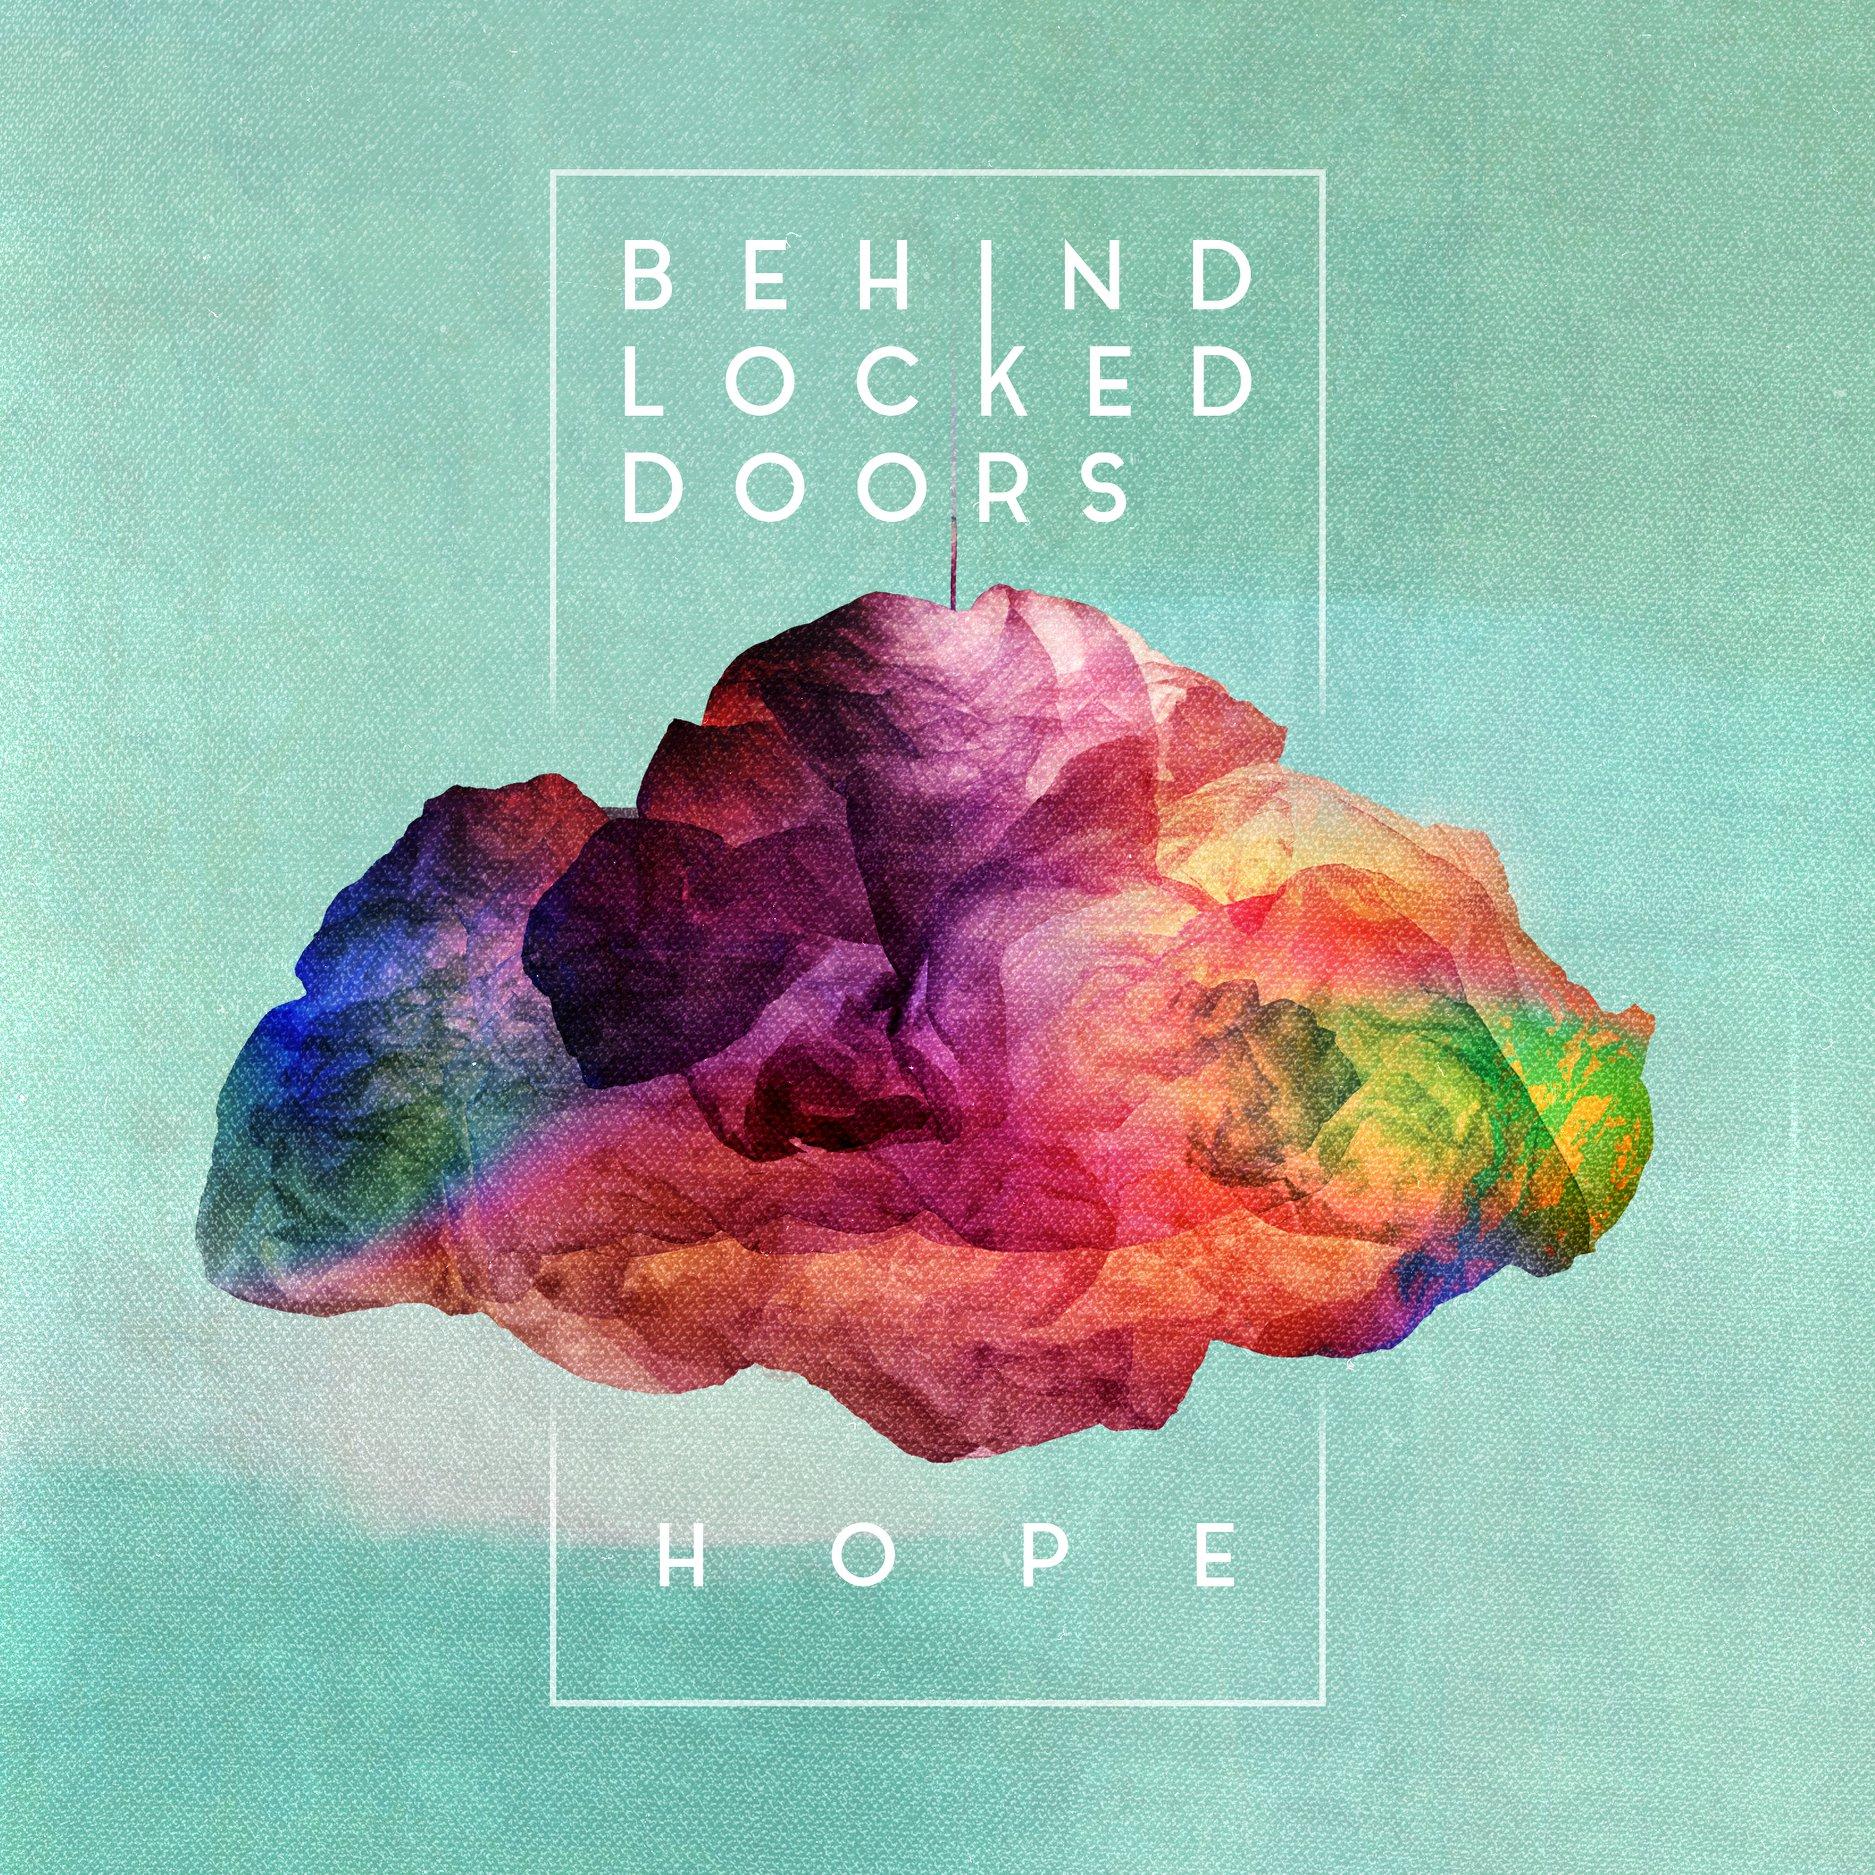 behind locked doors hope EP artwork